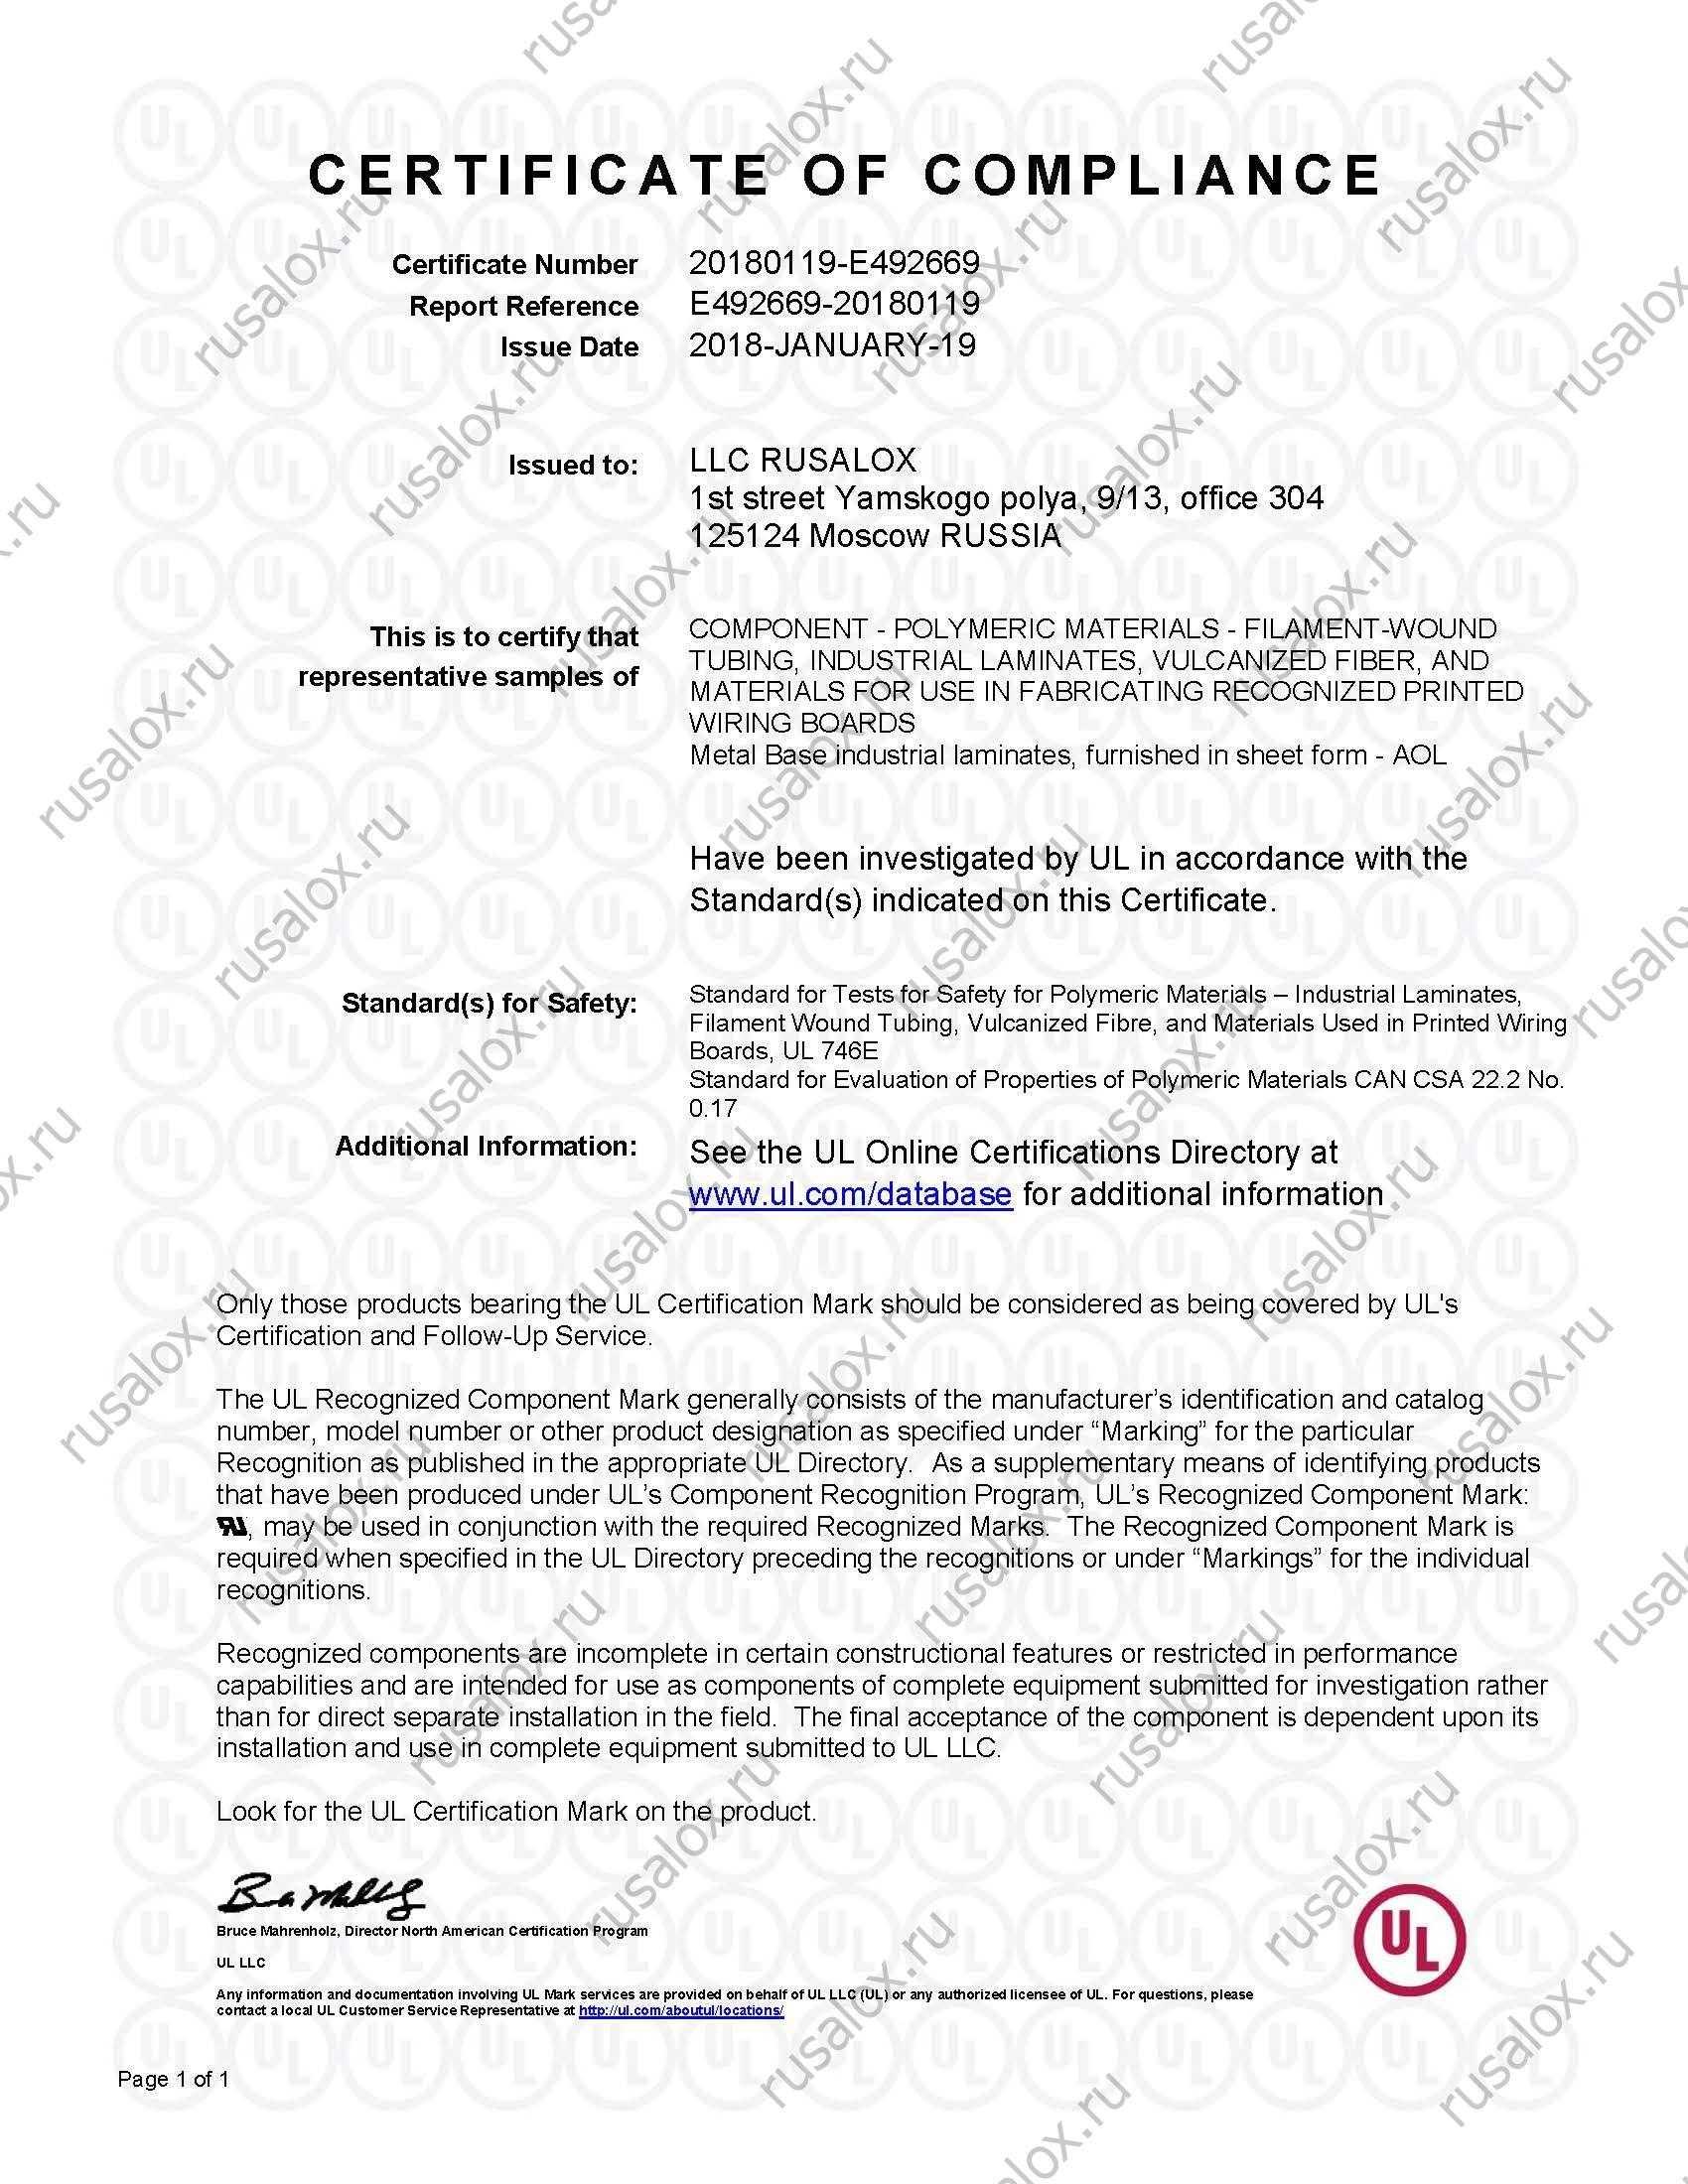 Сертификат UL 746Е, CAN CSA 22.2